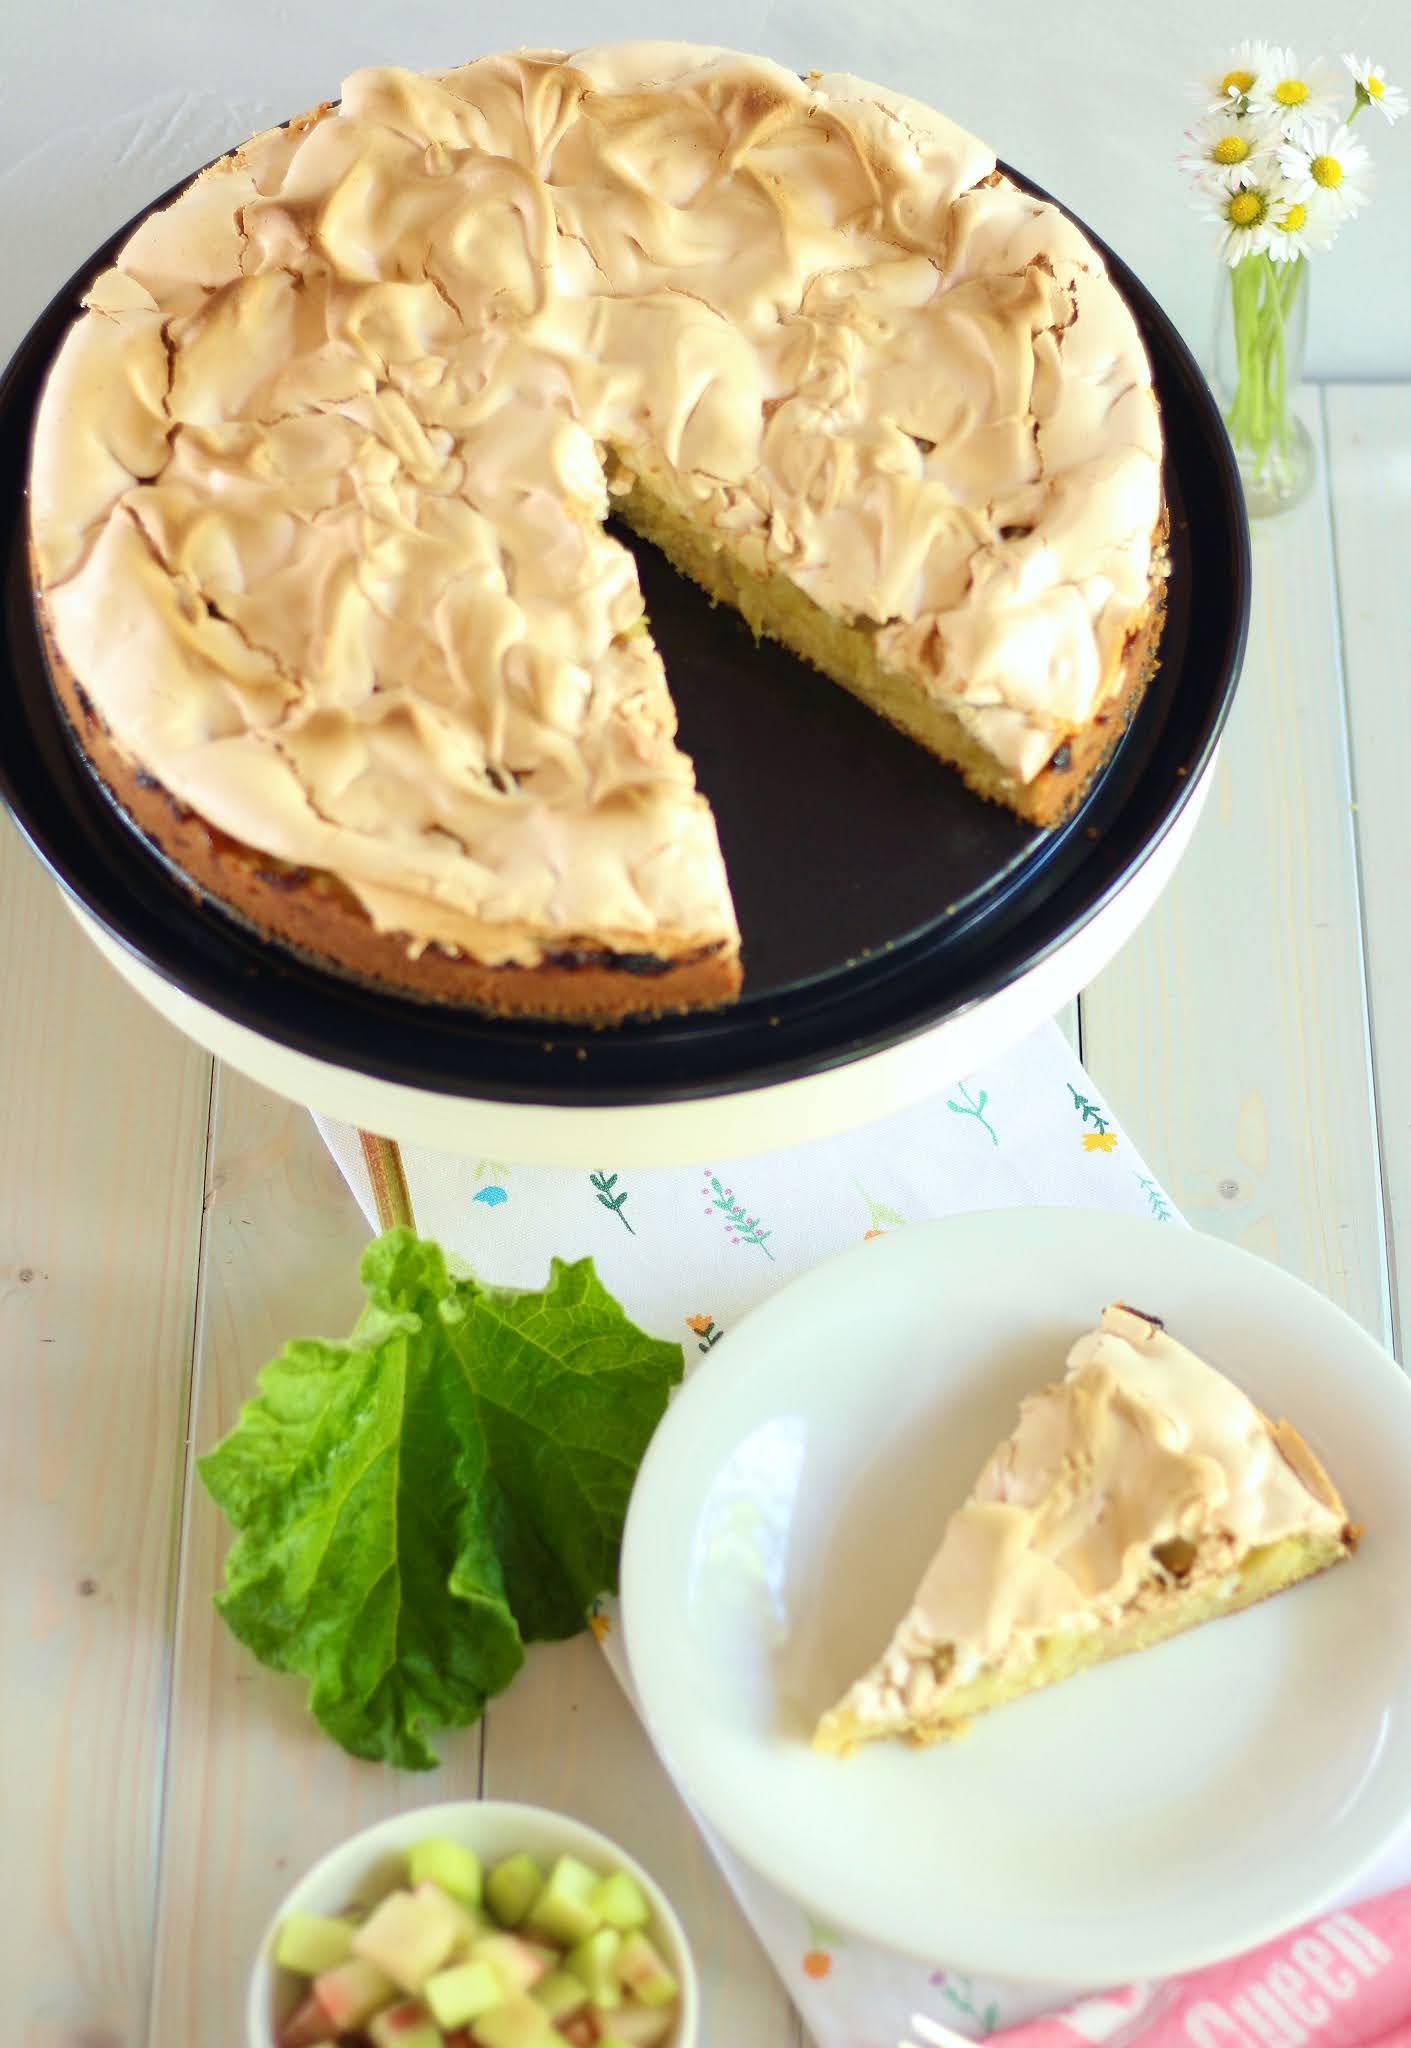 Einfacher, schneller Rhabarber-Baiser-Kuchen! 😍 Der beste Klassiker! 😍 | Rezept und Video von Sugarprincess 🍰🎂